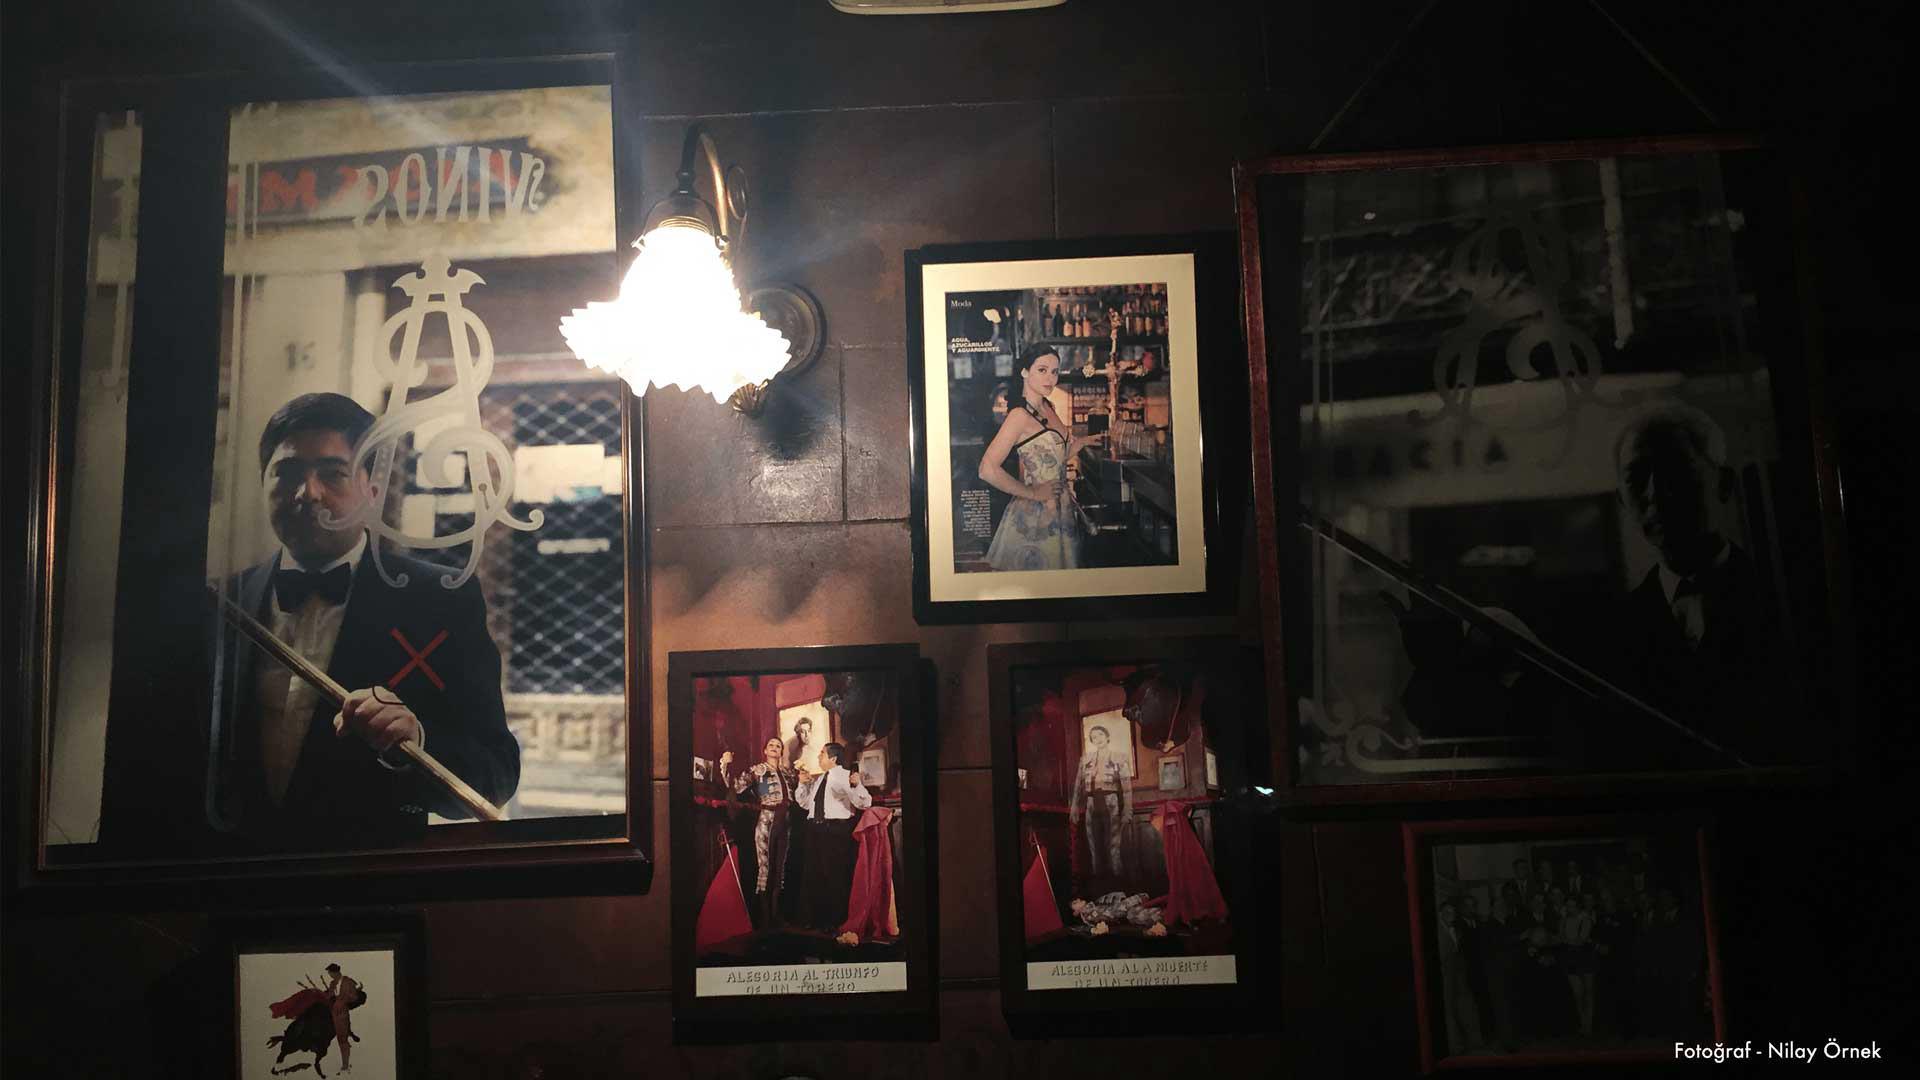 La Casa De Papel'in Ardından Seyahat Önerisi: Madrid'in 100 Yaşını Geçmiş 7 Restoranı